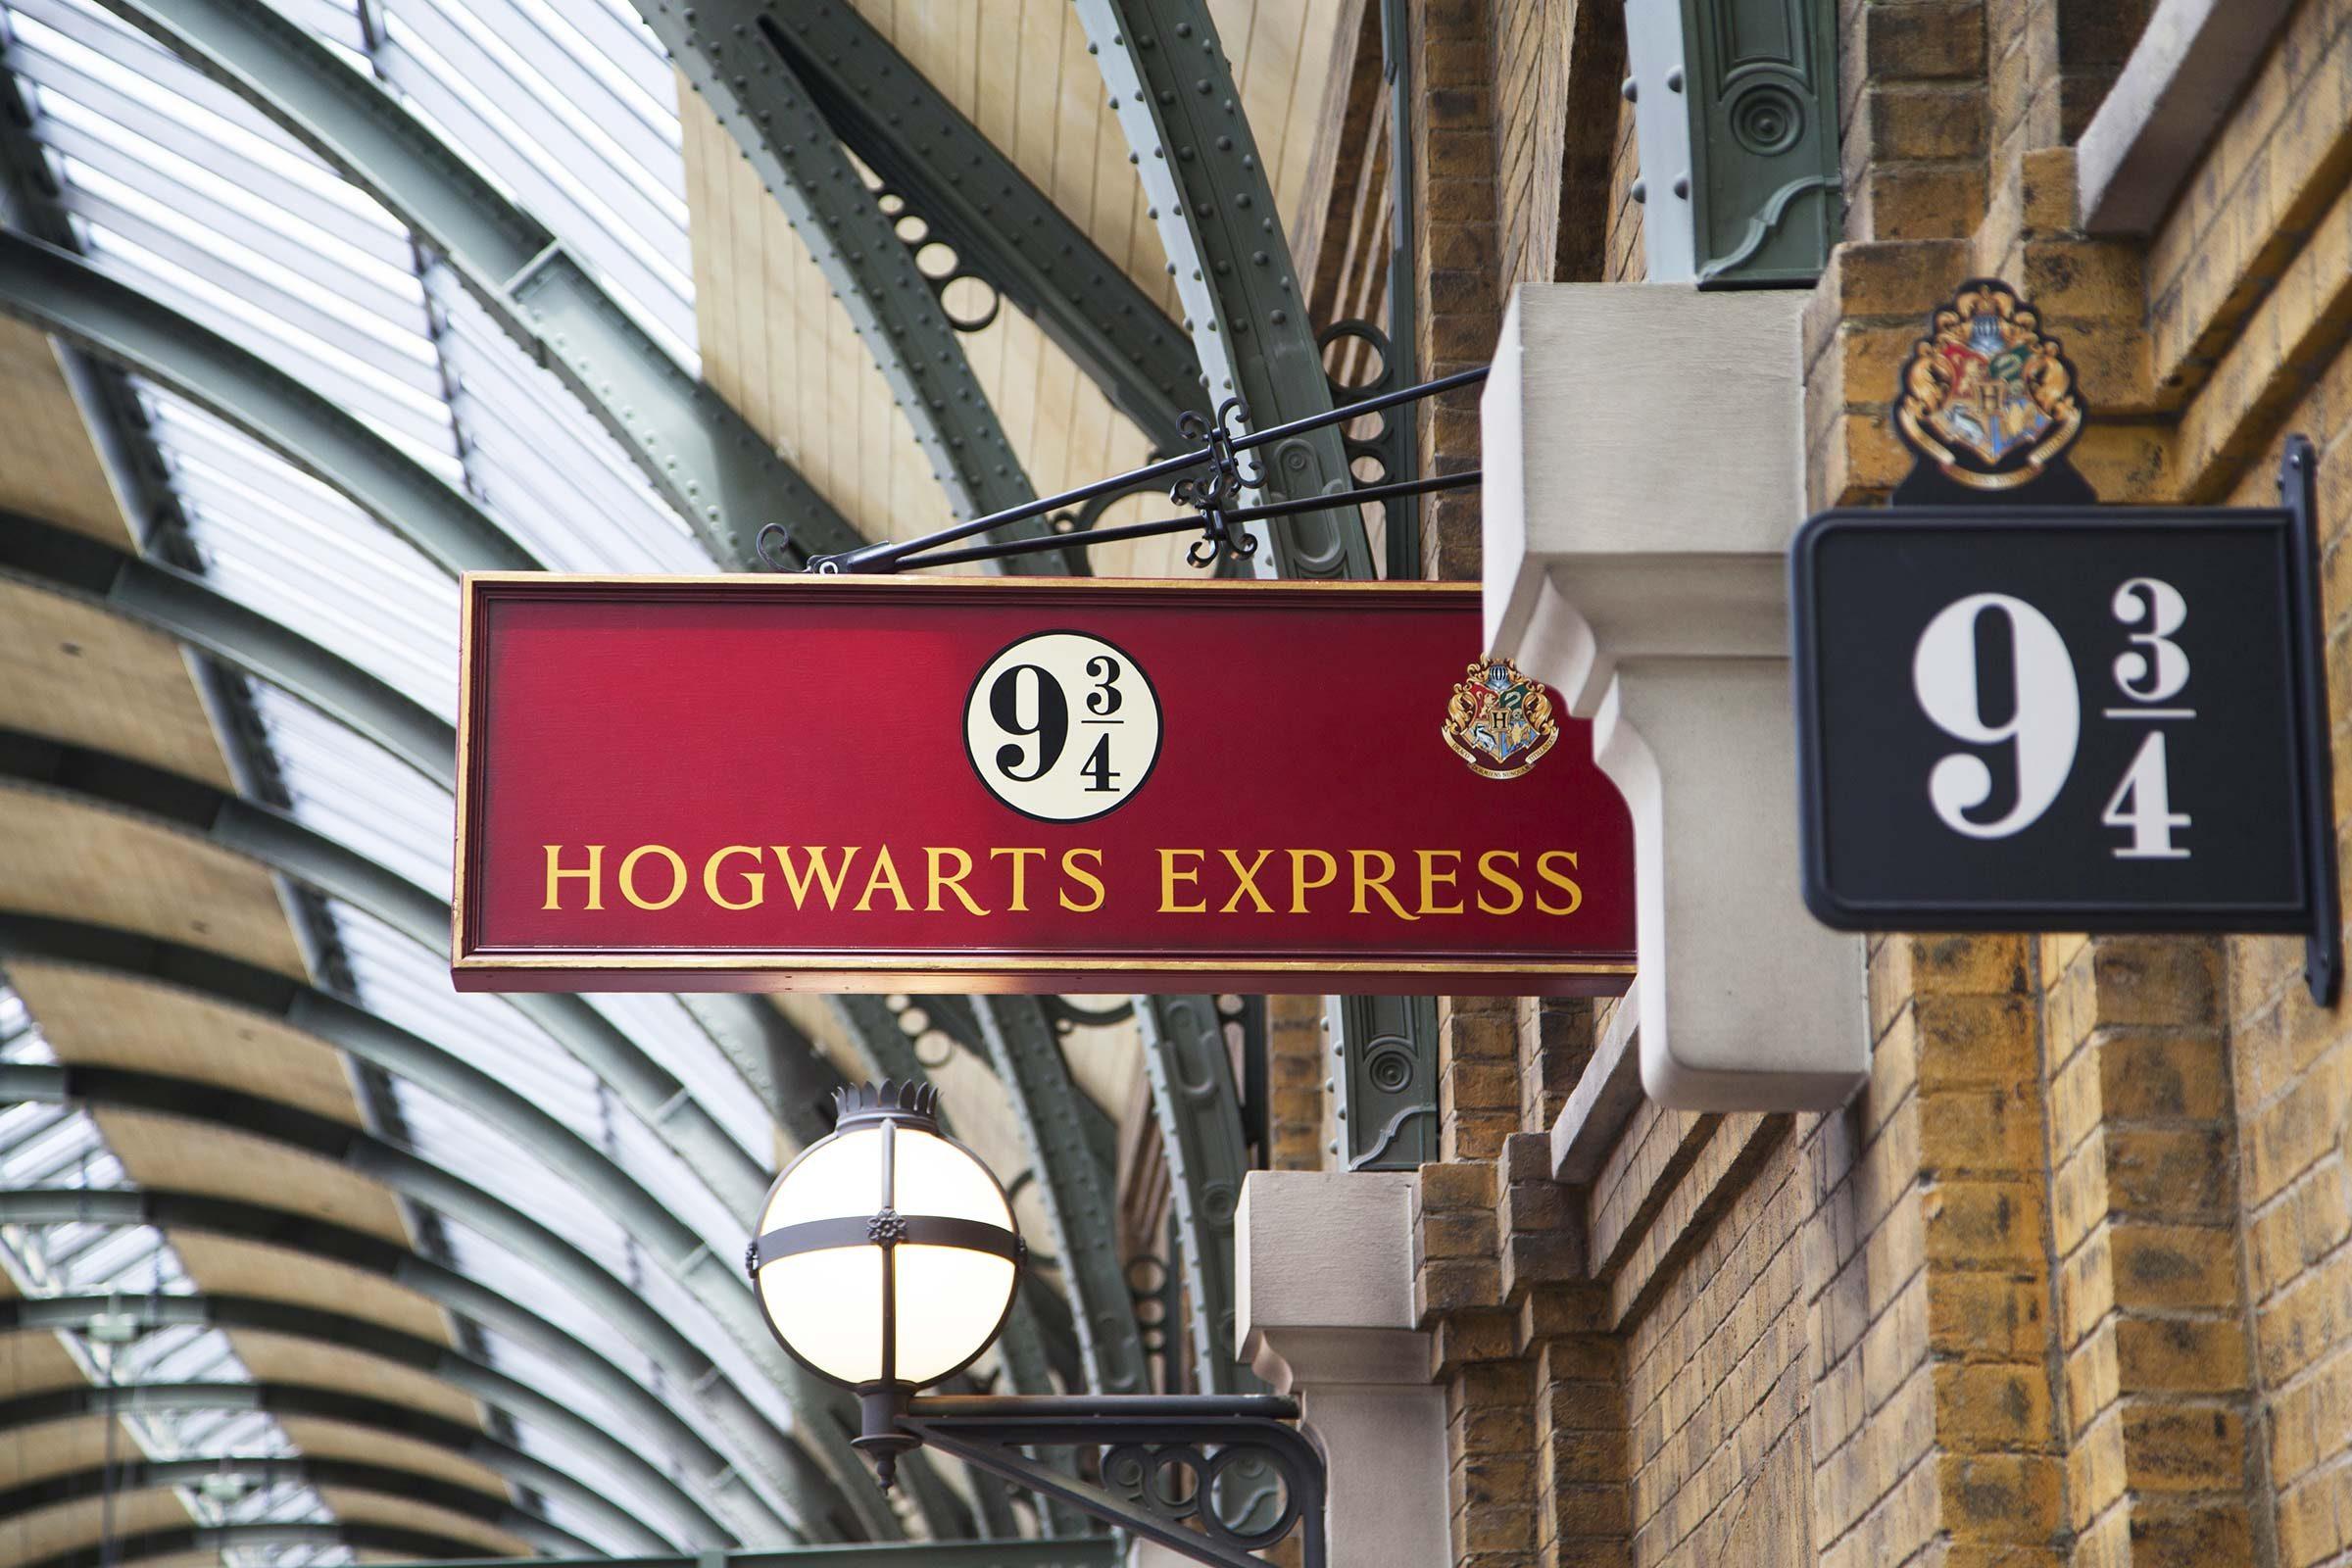 Harry Potter real life - King's Cross Station, platform 9 3/4